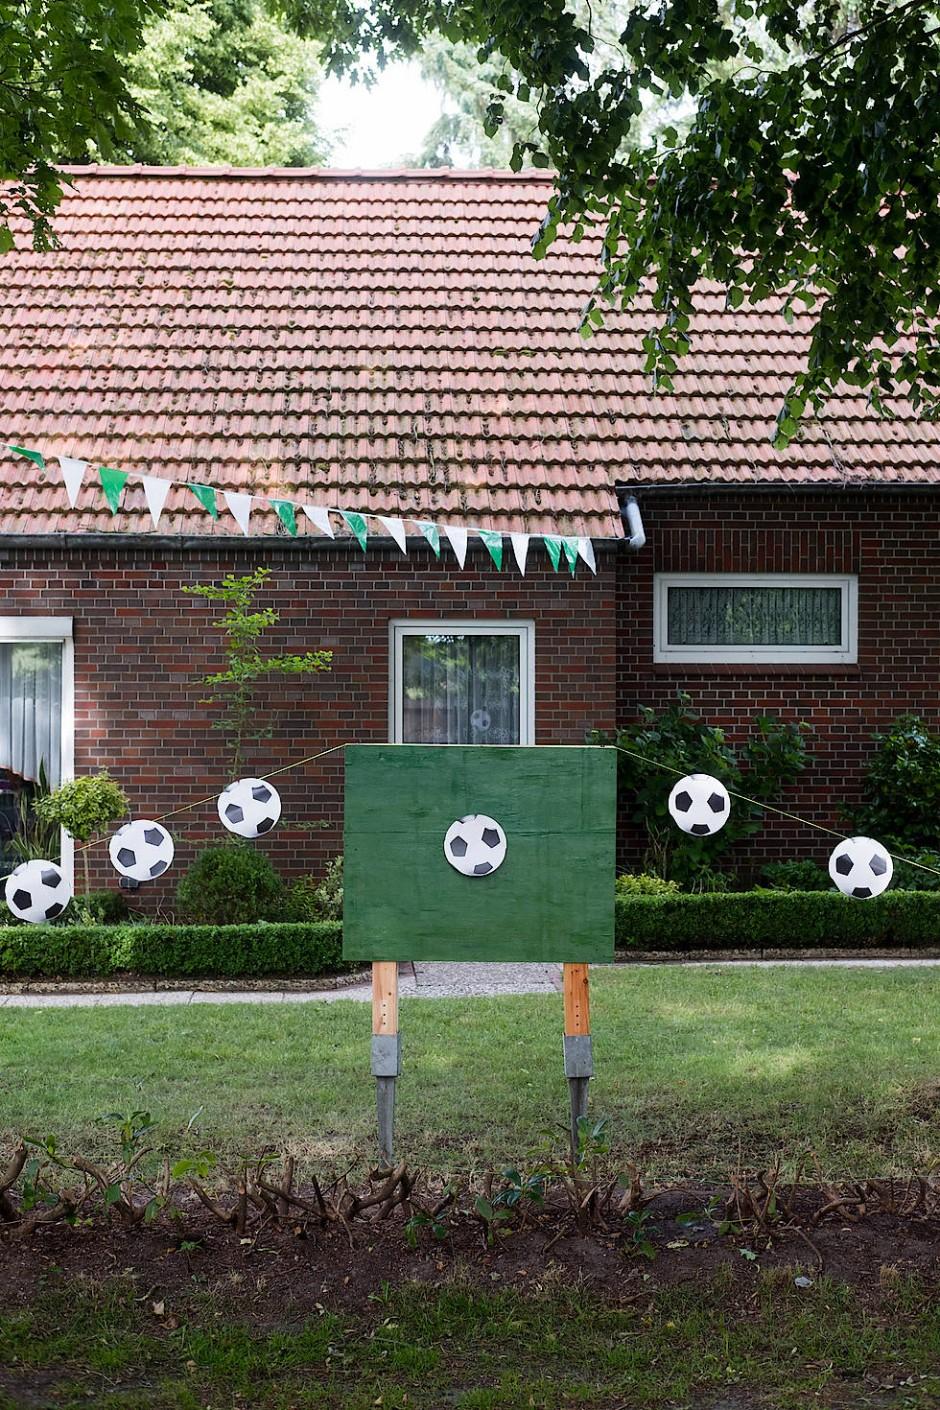 Top vorbereitet auf die WM: Fußballaufsteller im Garten eines Wohnhauses im Ortsteil Rußland in Friedeburg.